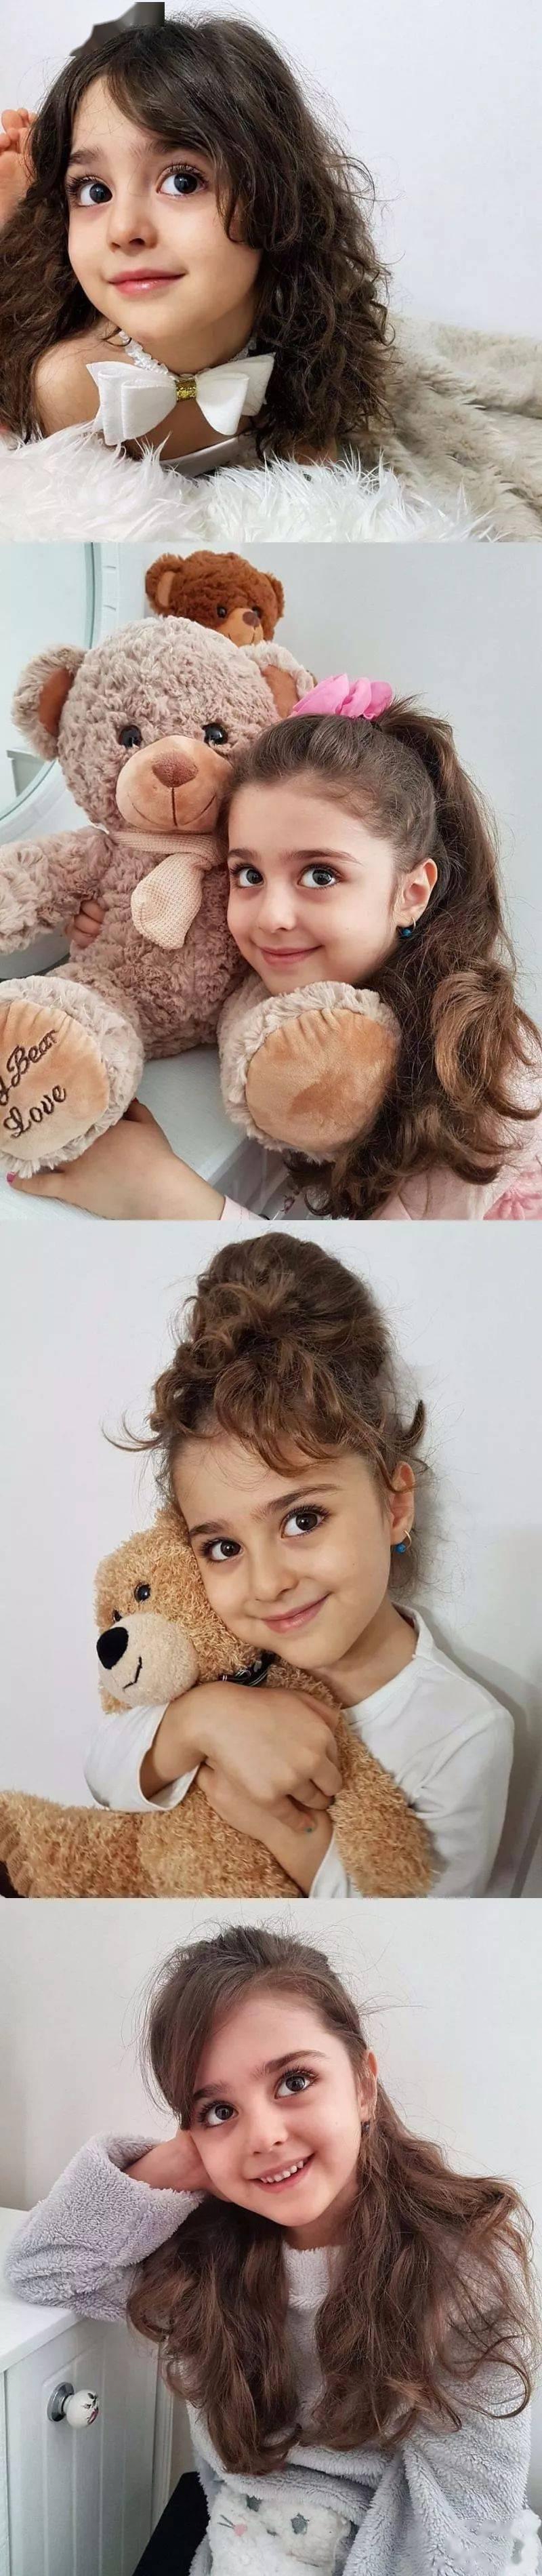 """伊朗10岁""""全球最美女孩""""因太美,父亲辞职做贴身保镖,网友:这就是洋娃娃本人吧?!"""